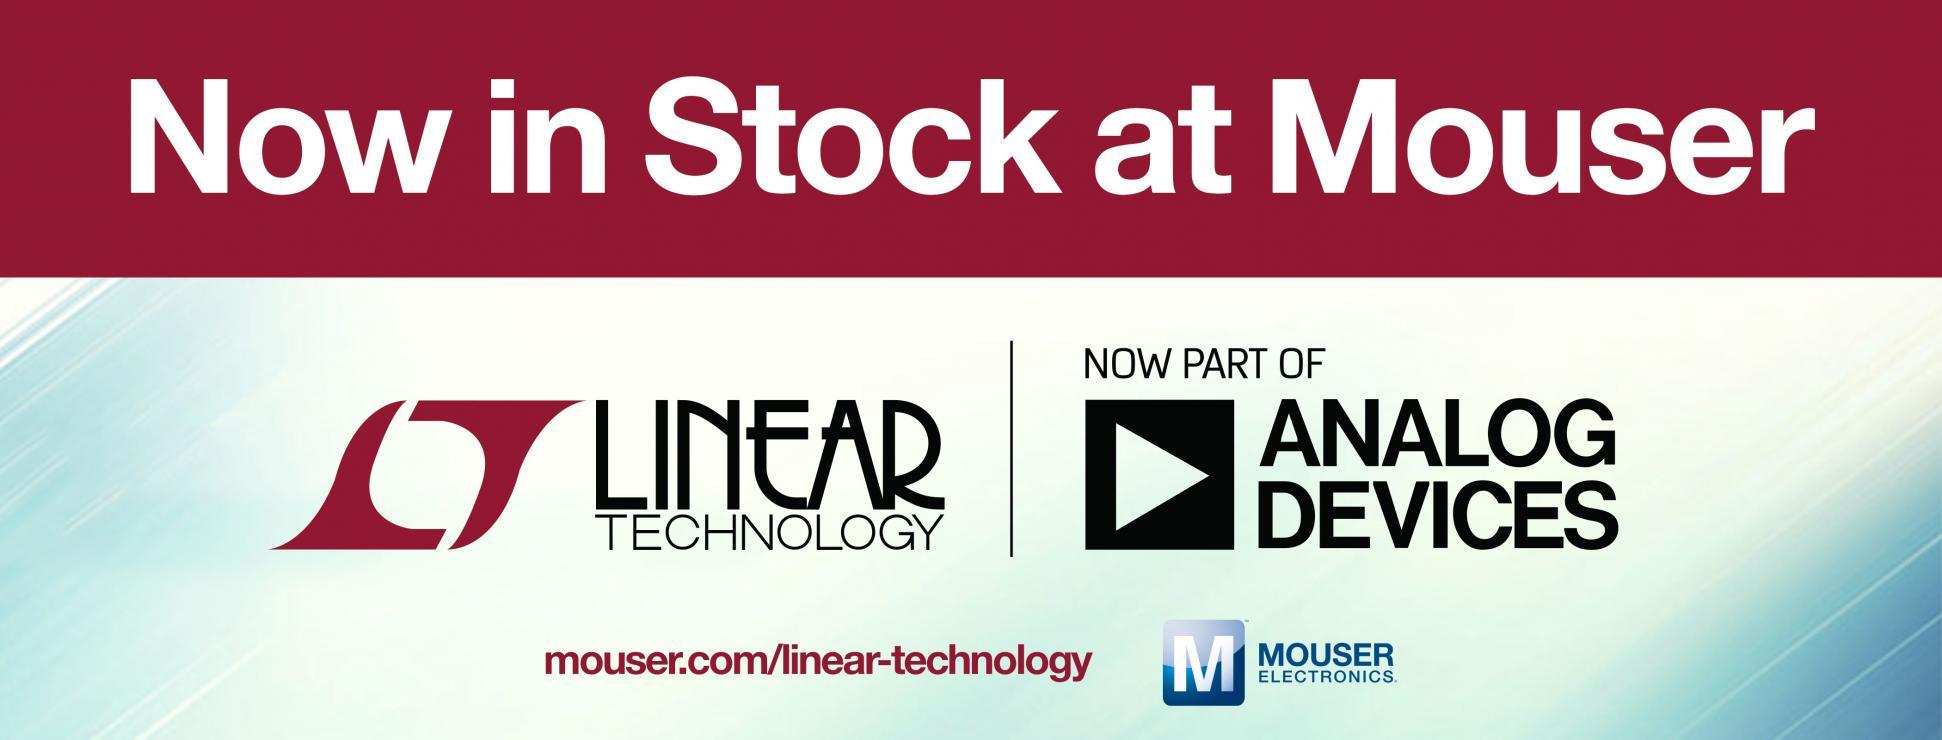 贸泽再添新军供货Analog Devices 的Linear Technology产品线